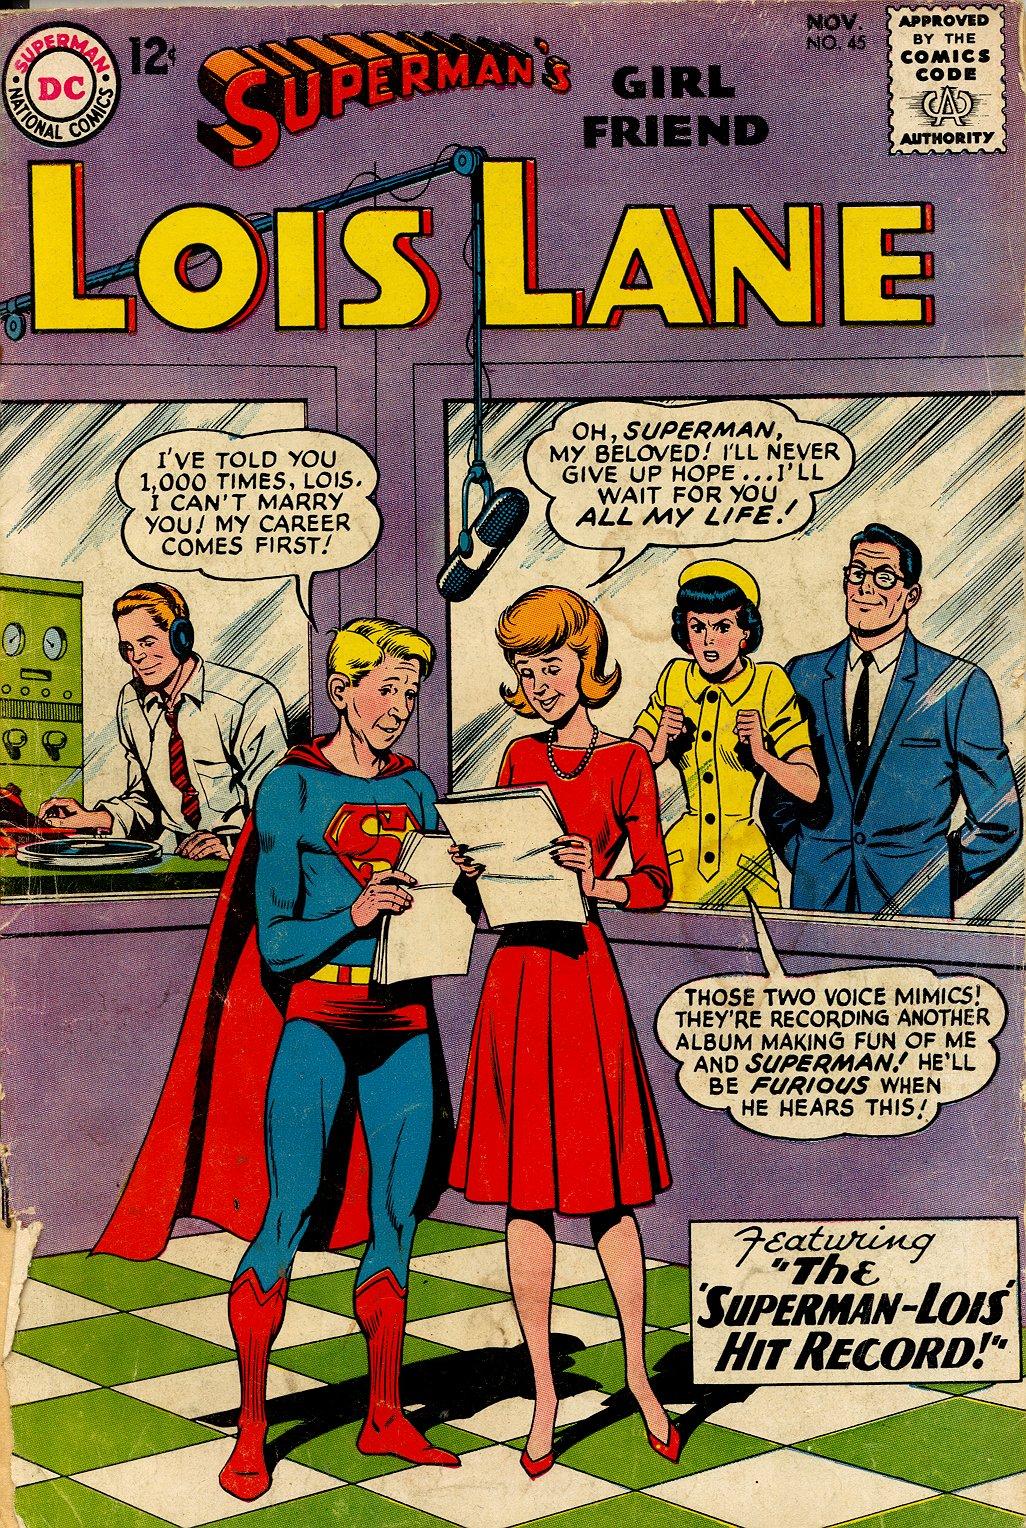 Supermans Girl Friend, Lois Lane 45 Page 1